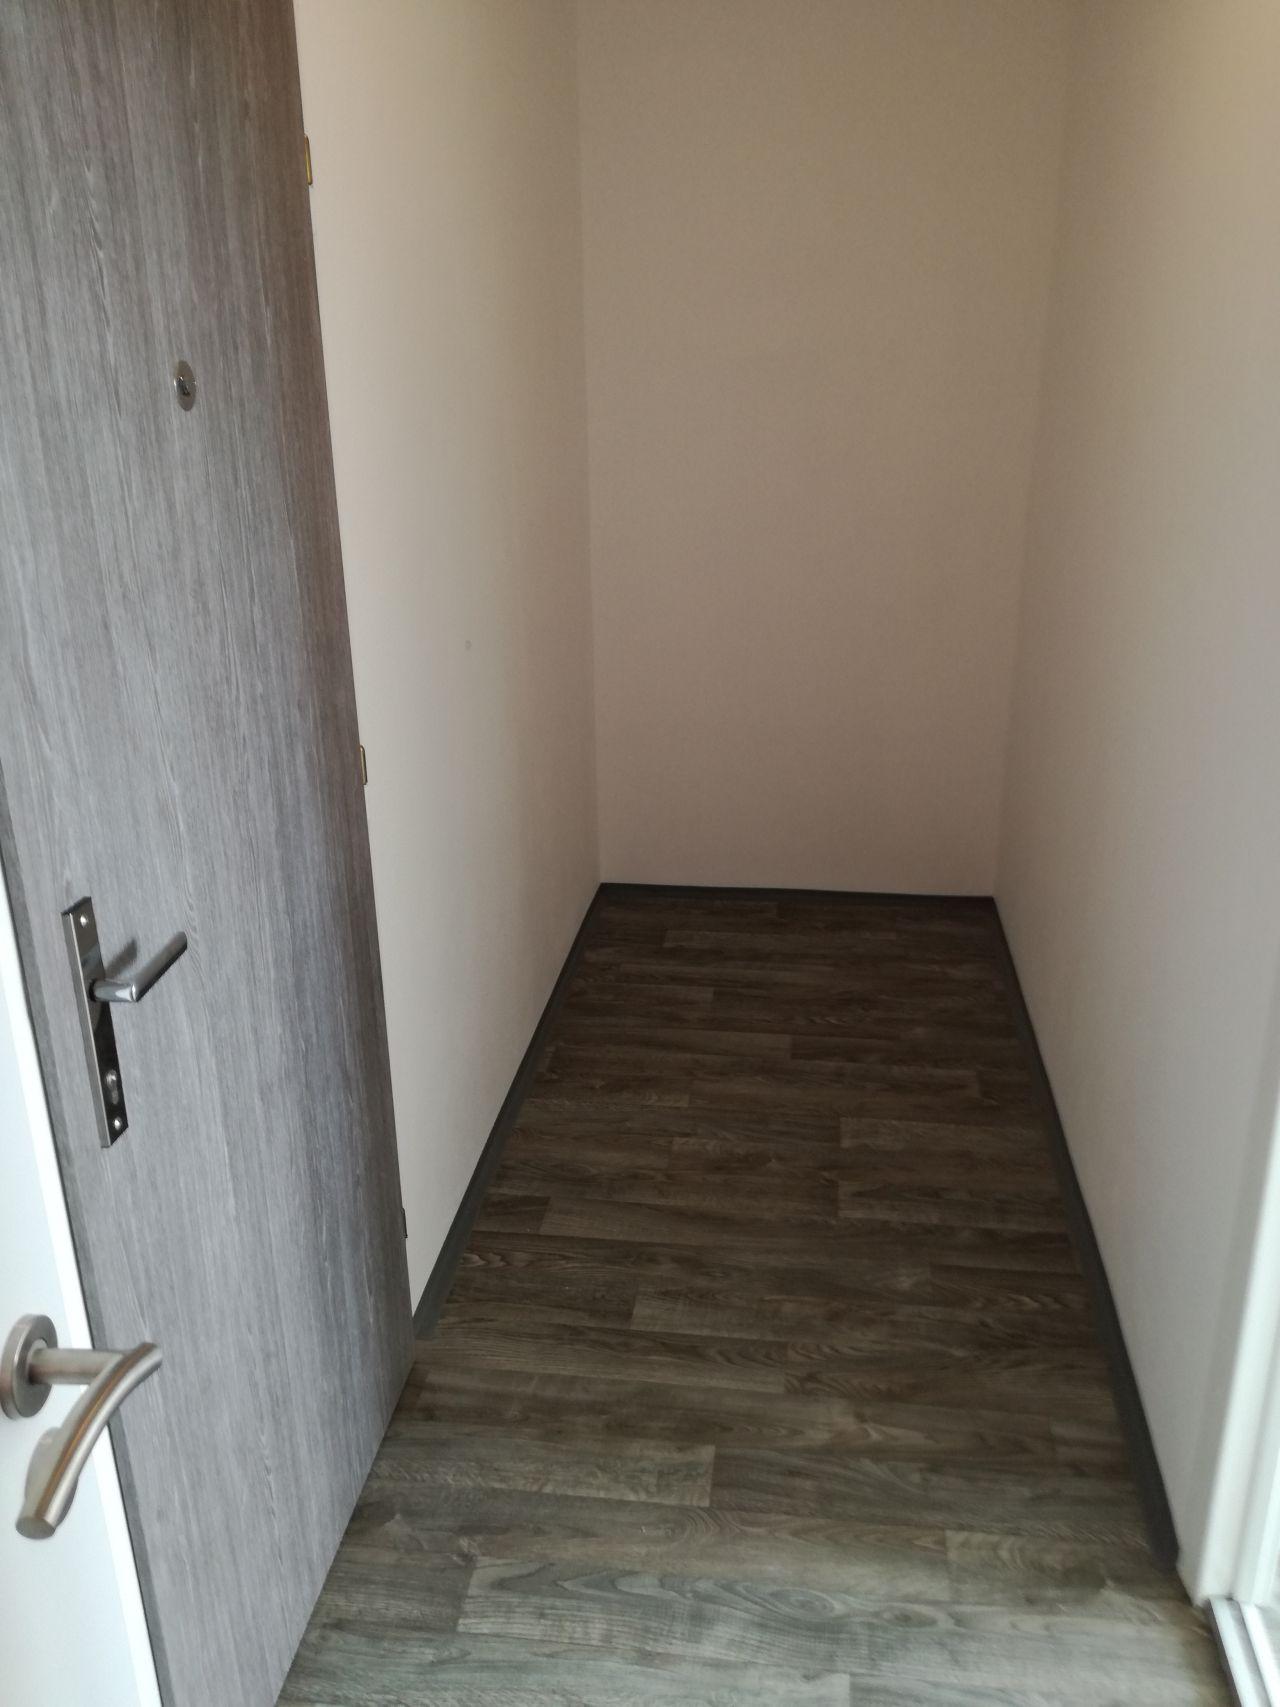 Pronájem bytu 2+1 44 m2, ul. Vlasty Vlasákové 939/11, Ostrava, Bělský les